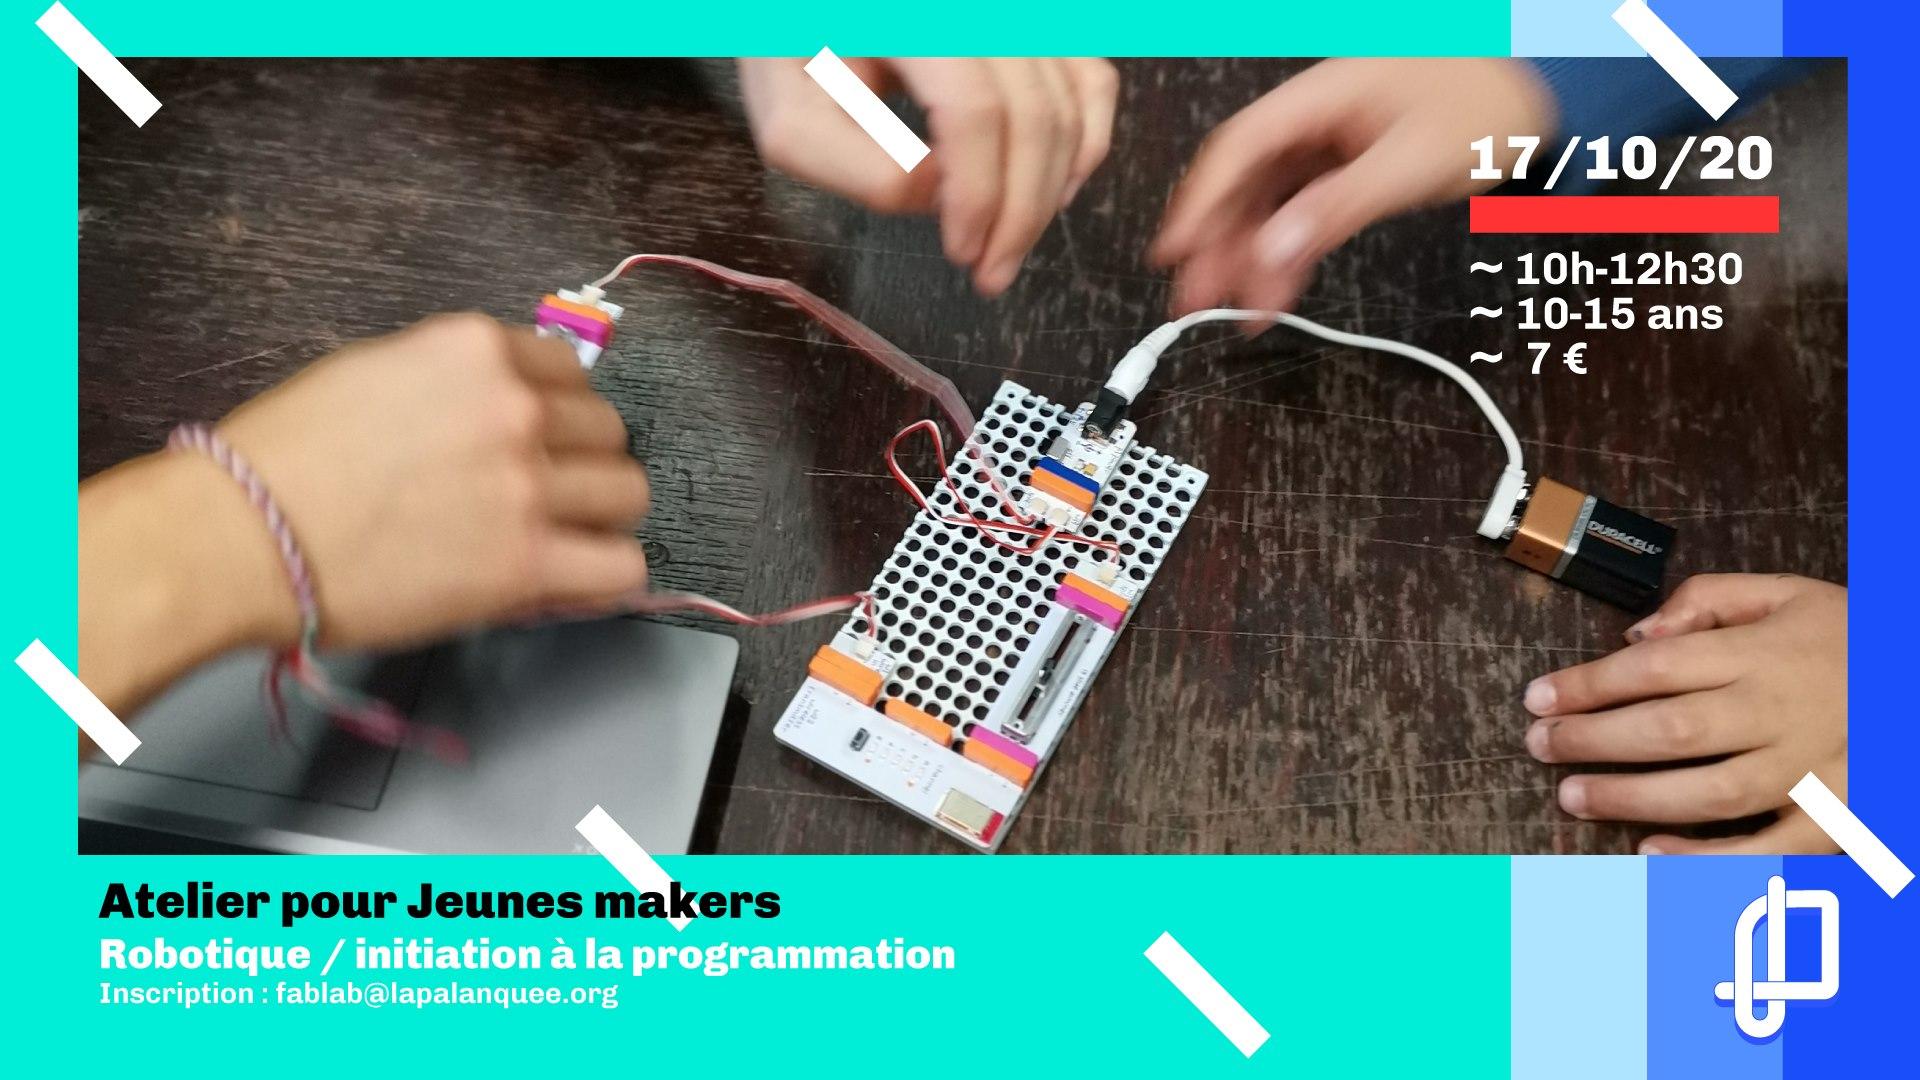 Ateliers pour jeunes makers